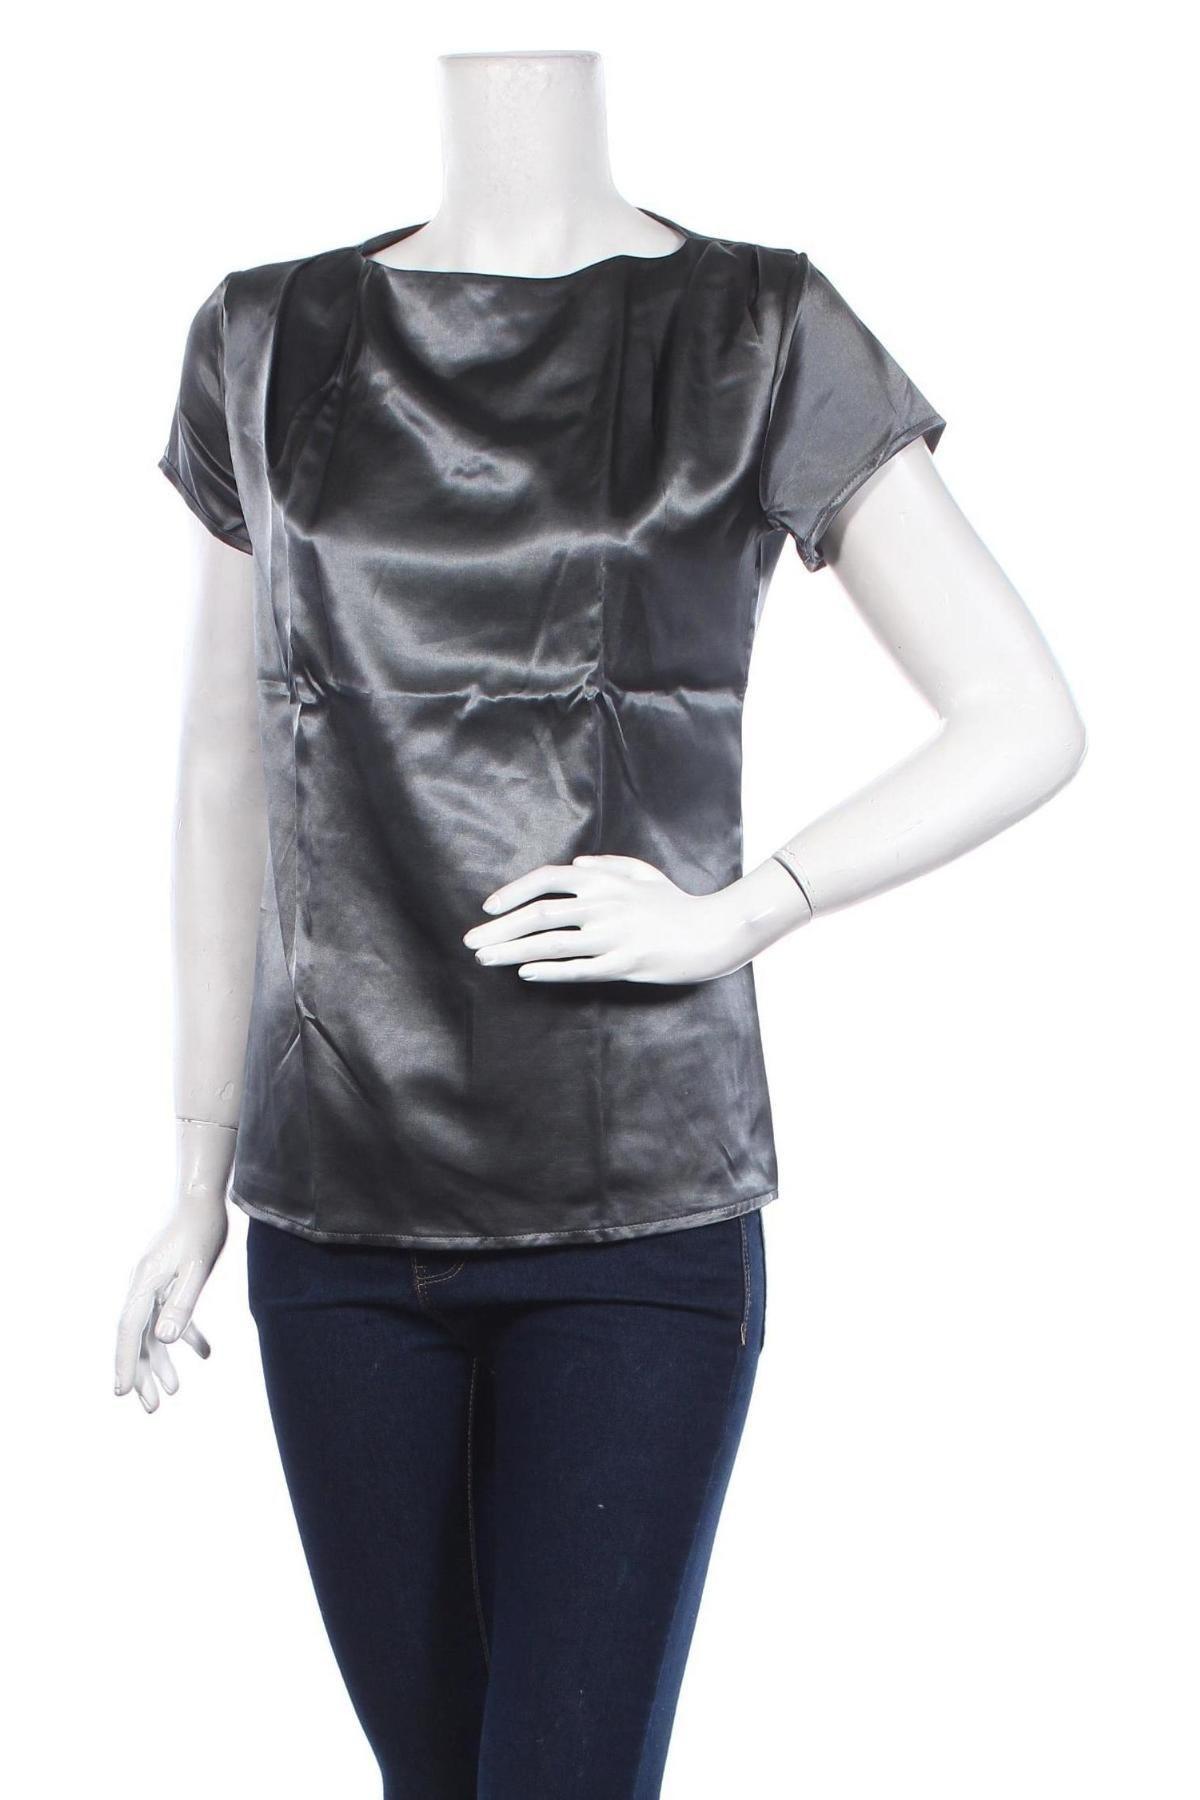 Γυναικεία μπλούζα Nife, Μέγεθος S, Χρώμα Γκρί, 95% πολυεστέρας, 5% ελαστάνη, Τιμή 14,69€